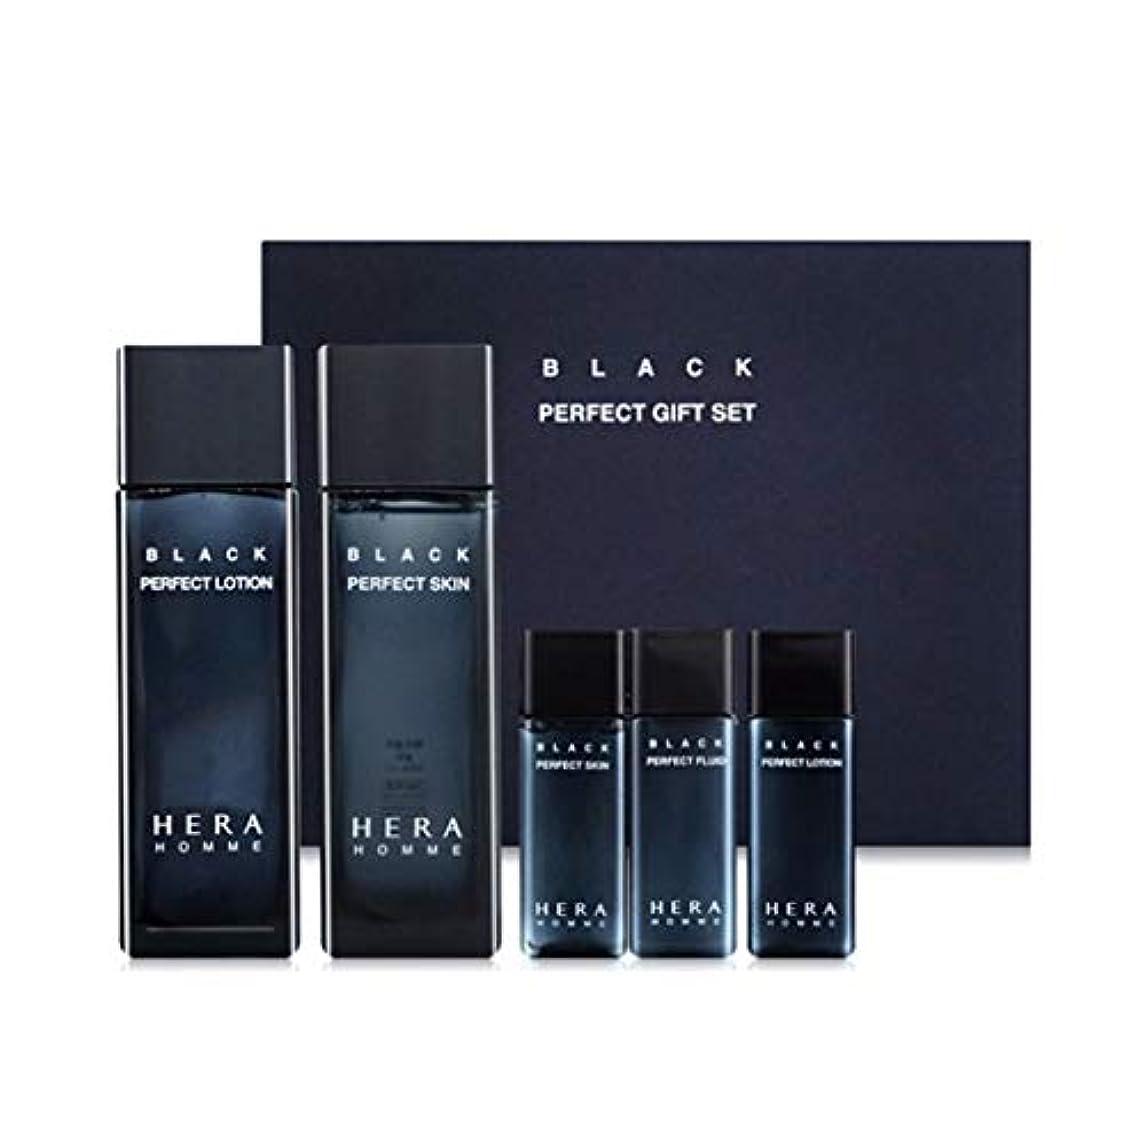 対通り工場ヘラオムブラックパーフェクトスキンローションセットメンズコスメ韓国コスメ、Hera Homme Black Perfect Skin Lotion Set Men's Cosmetics Korean Cosmetics [並行輸入品]